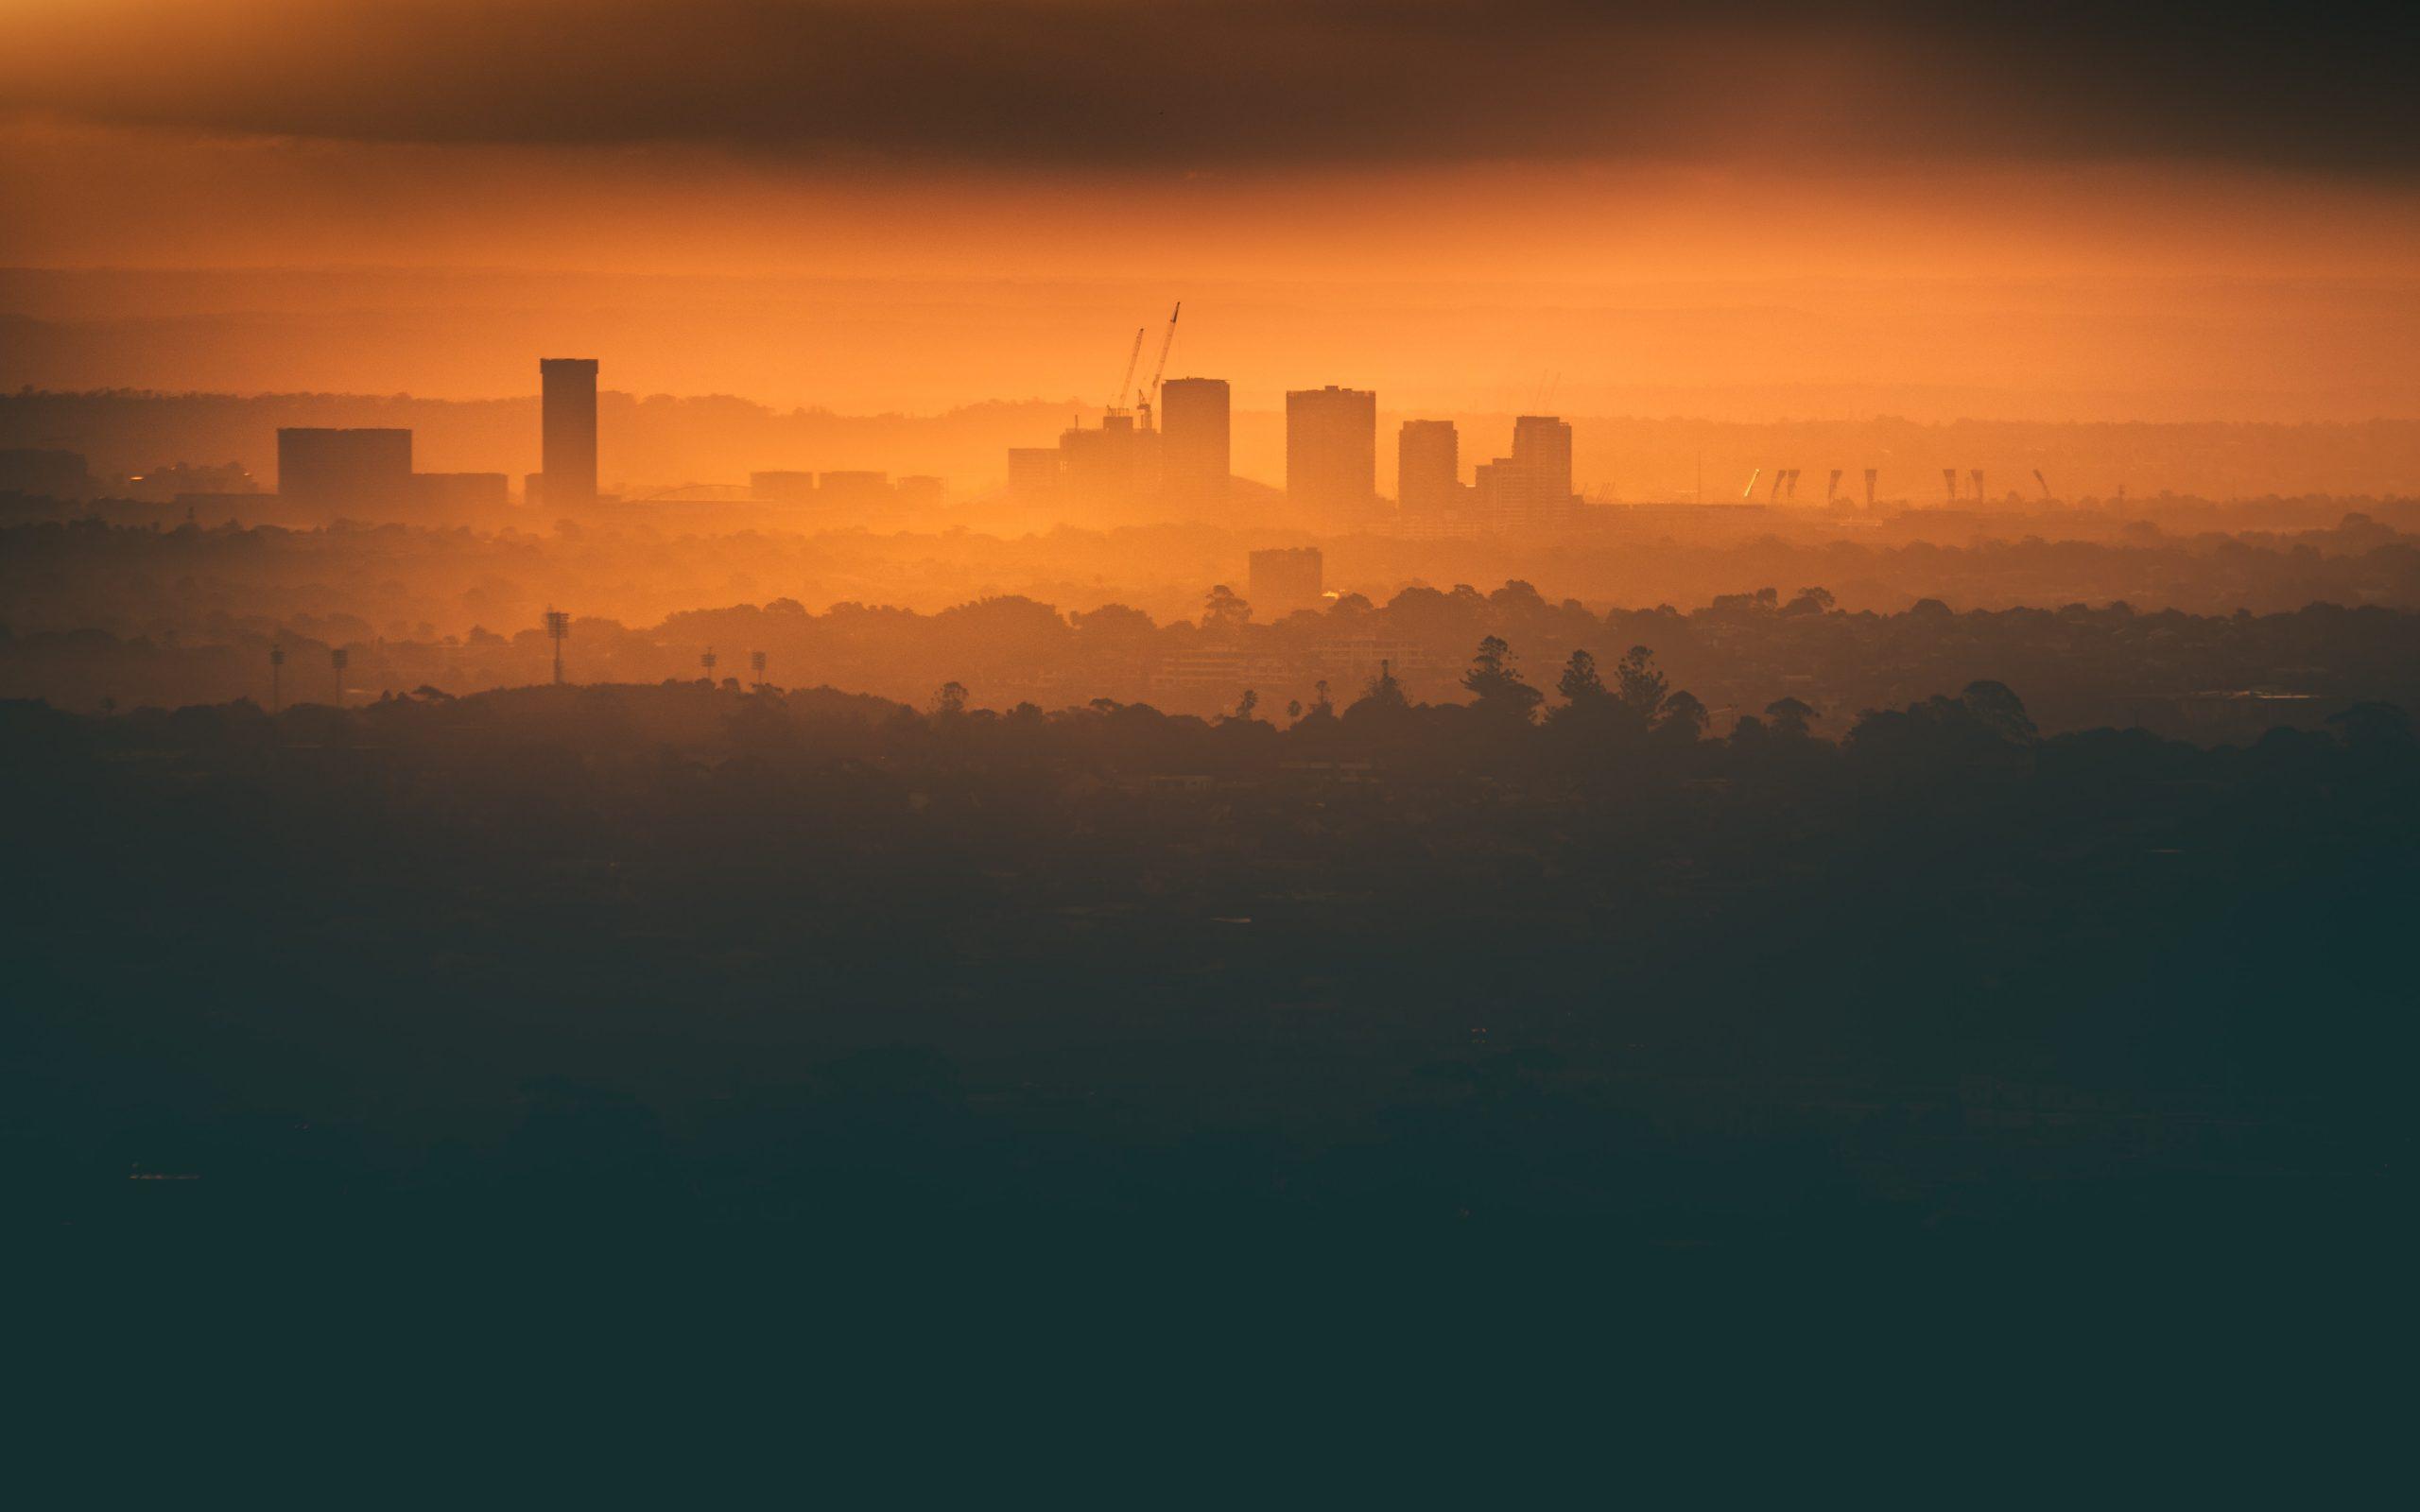 Poluarea din București este tot mai gravă. Pe hârtie, există planuri care te-ajută să respiri, dar în realitate aerul e tot mai mult irespirabil